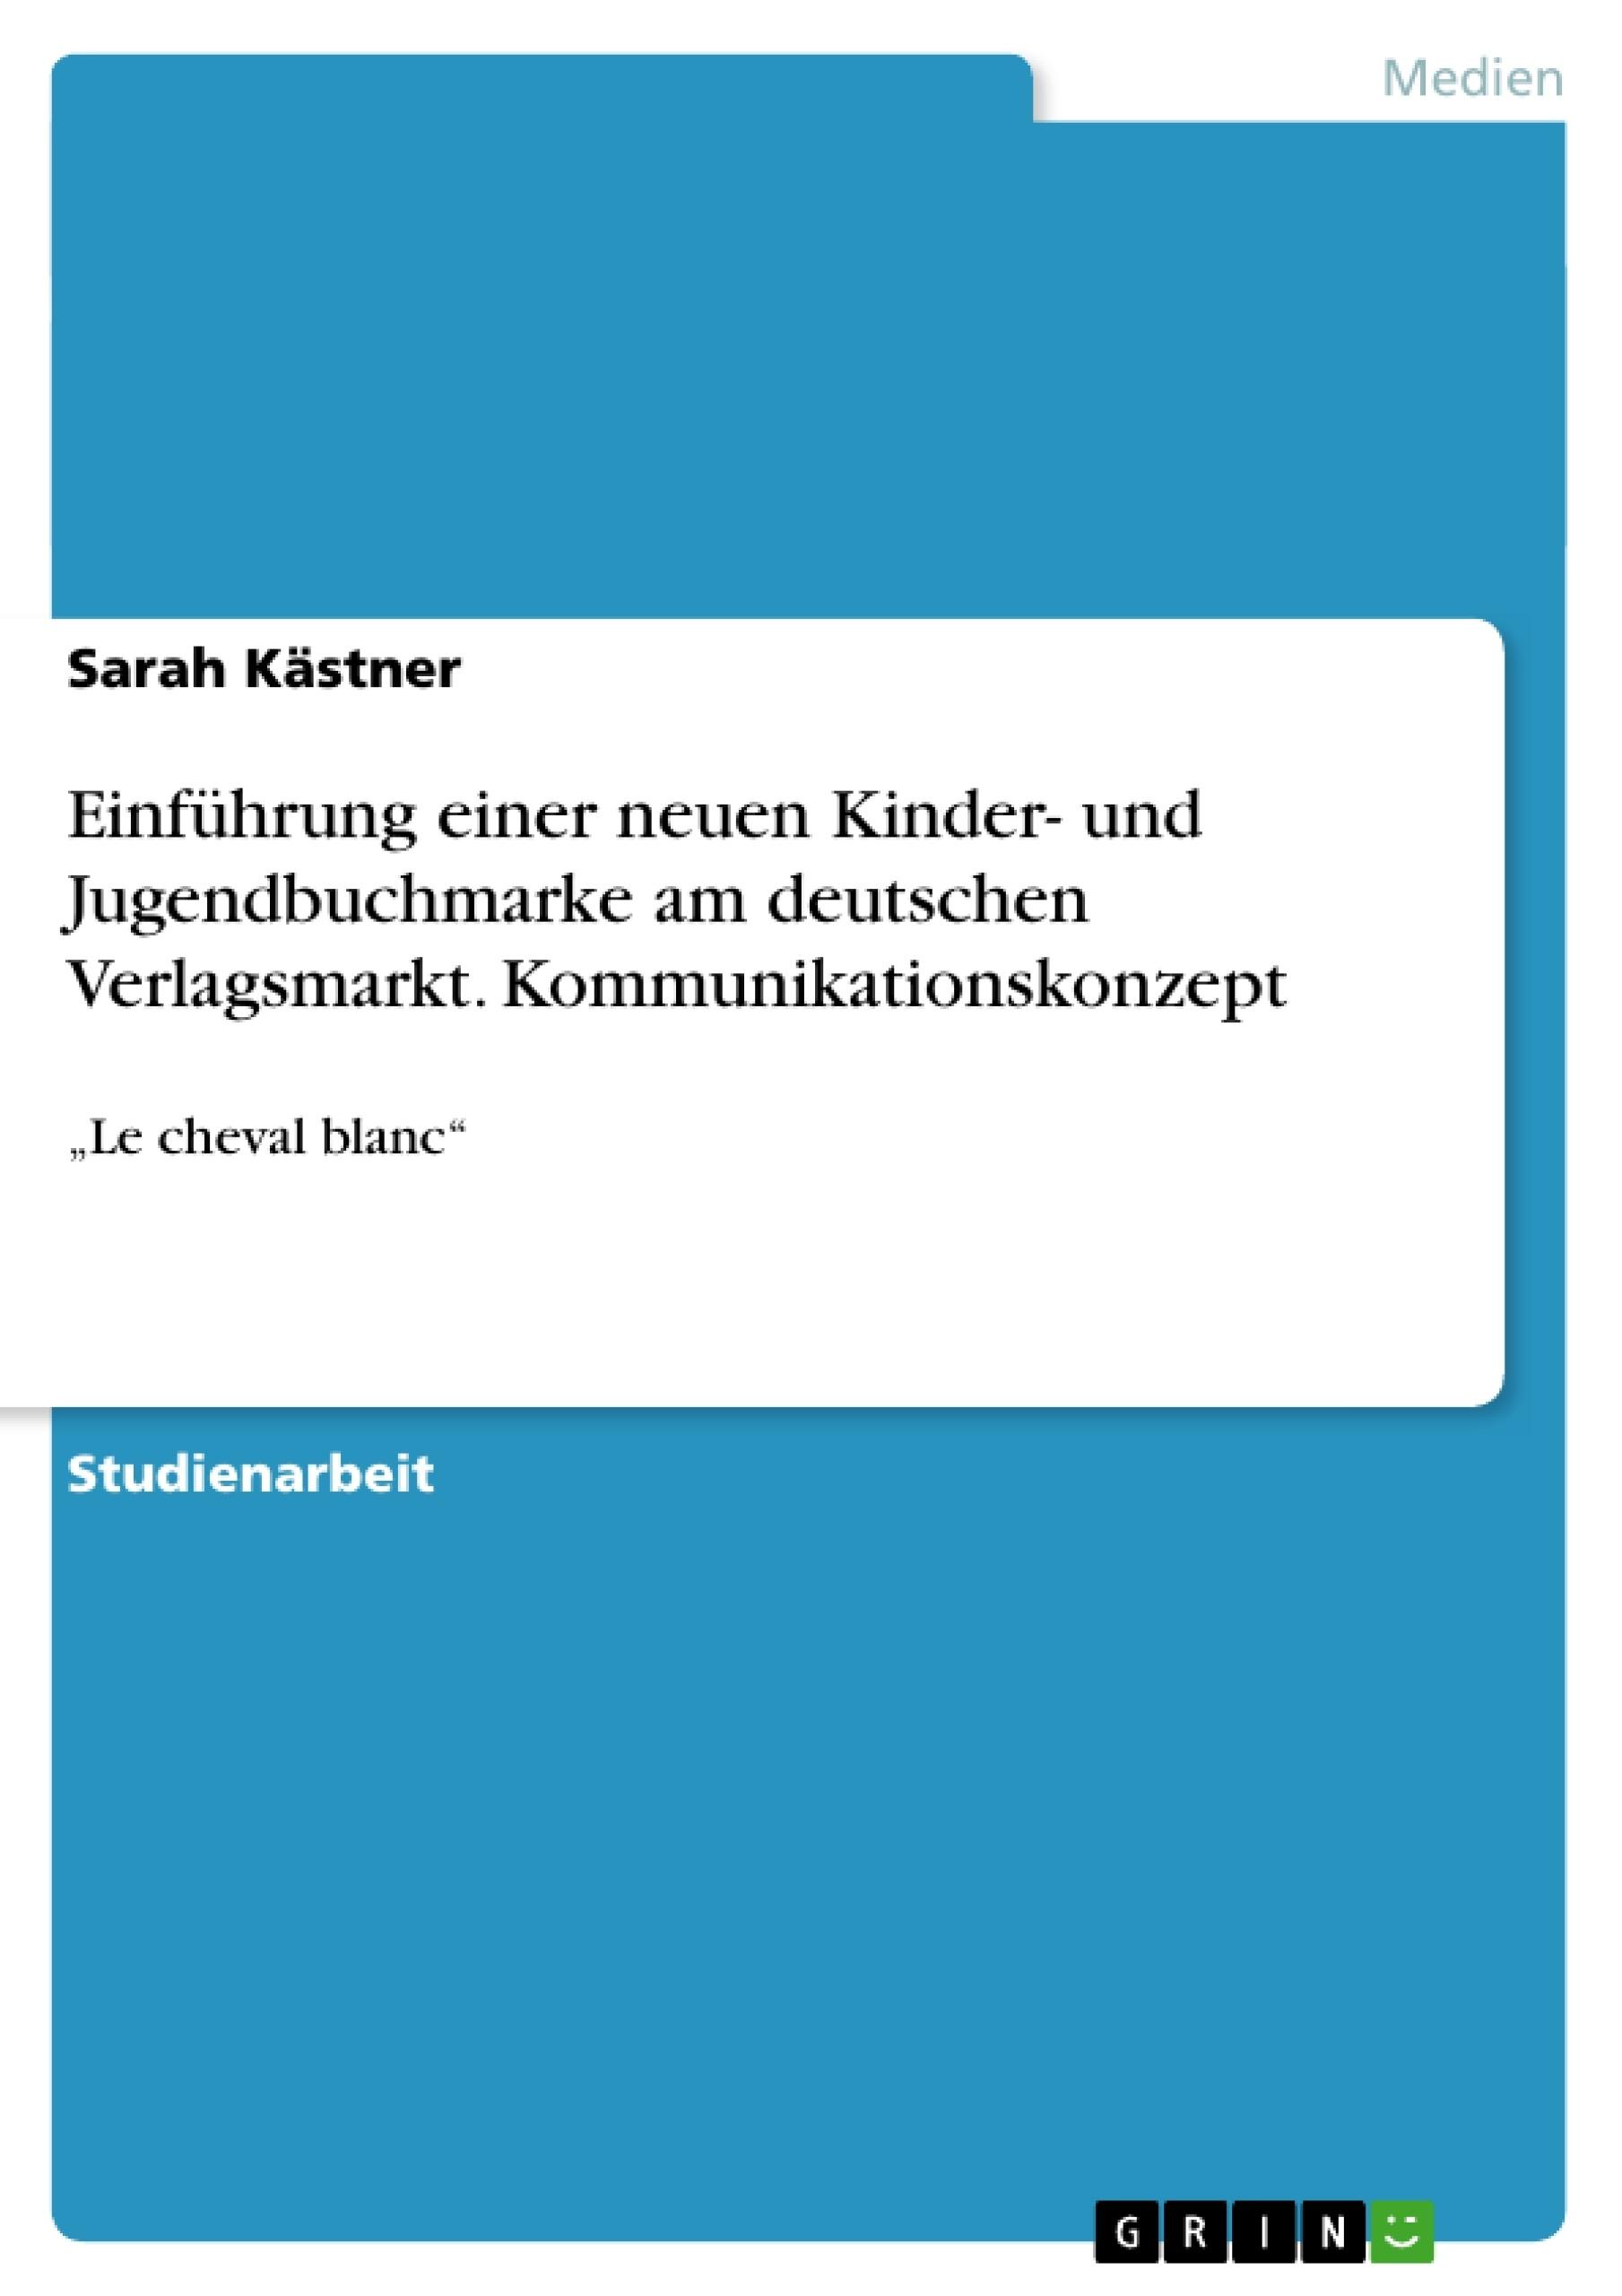 Titel: Einführung einer neuen Kinder- und Jugendbuchmarke am deutschen Verlagsmarkt. Kommunikationskonzept